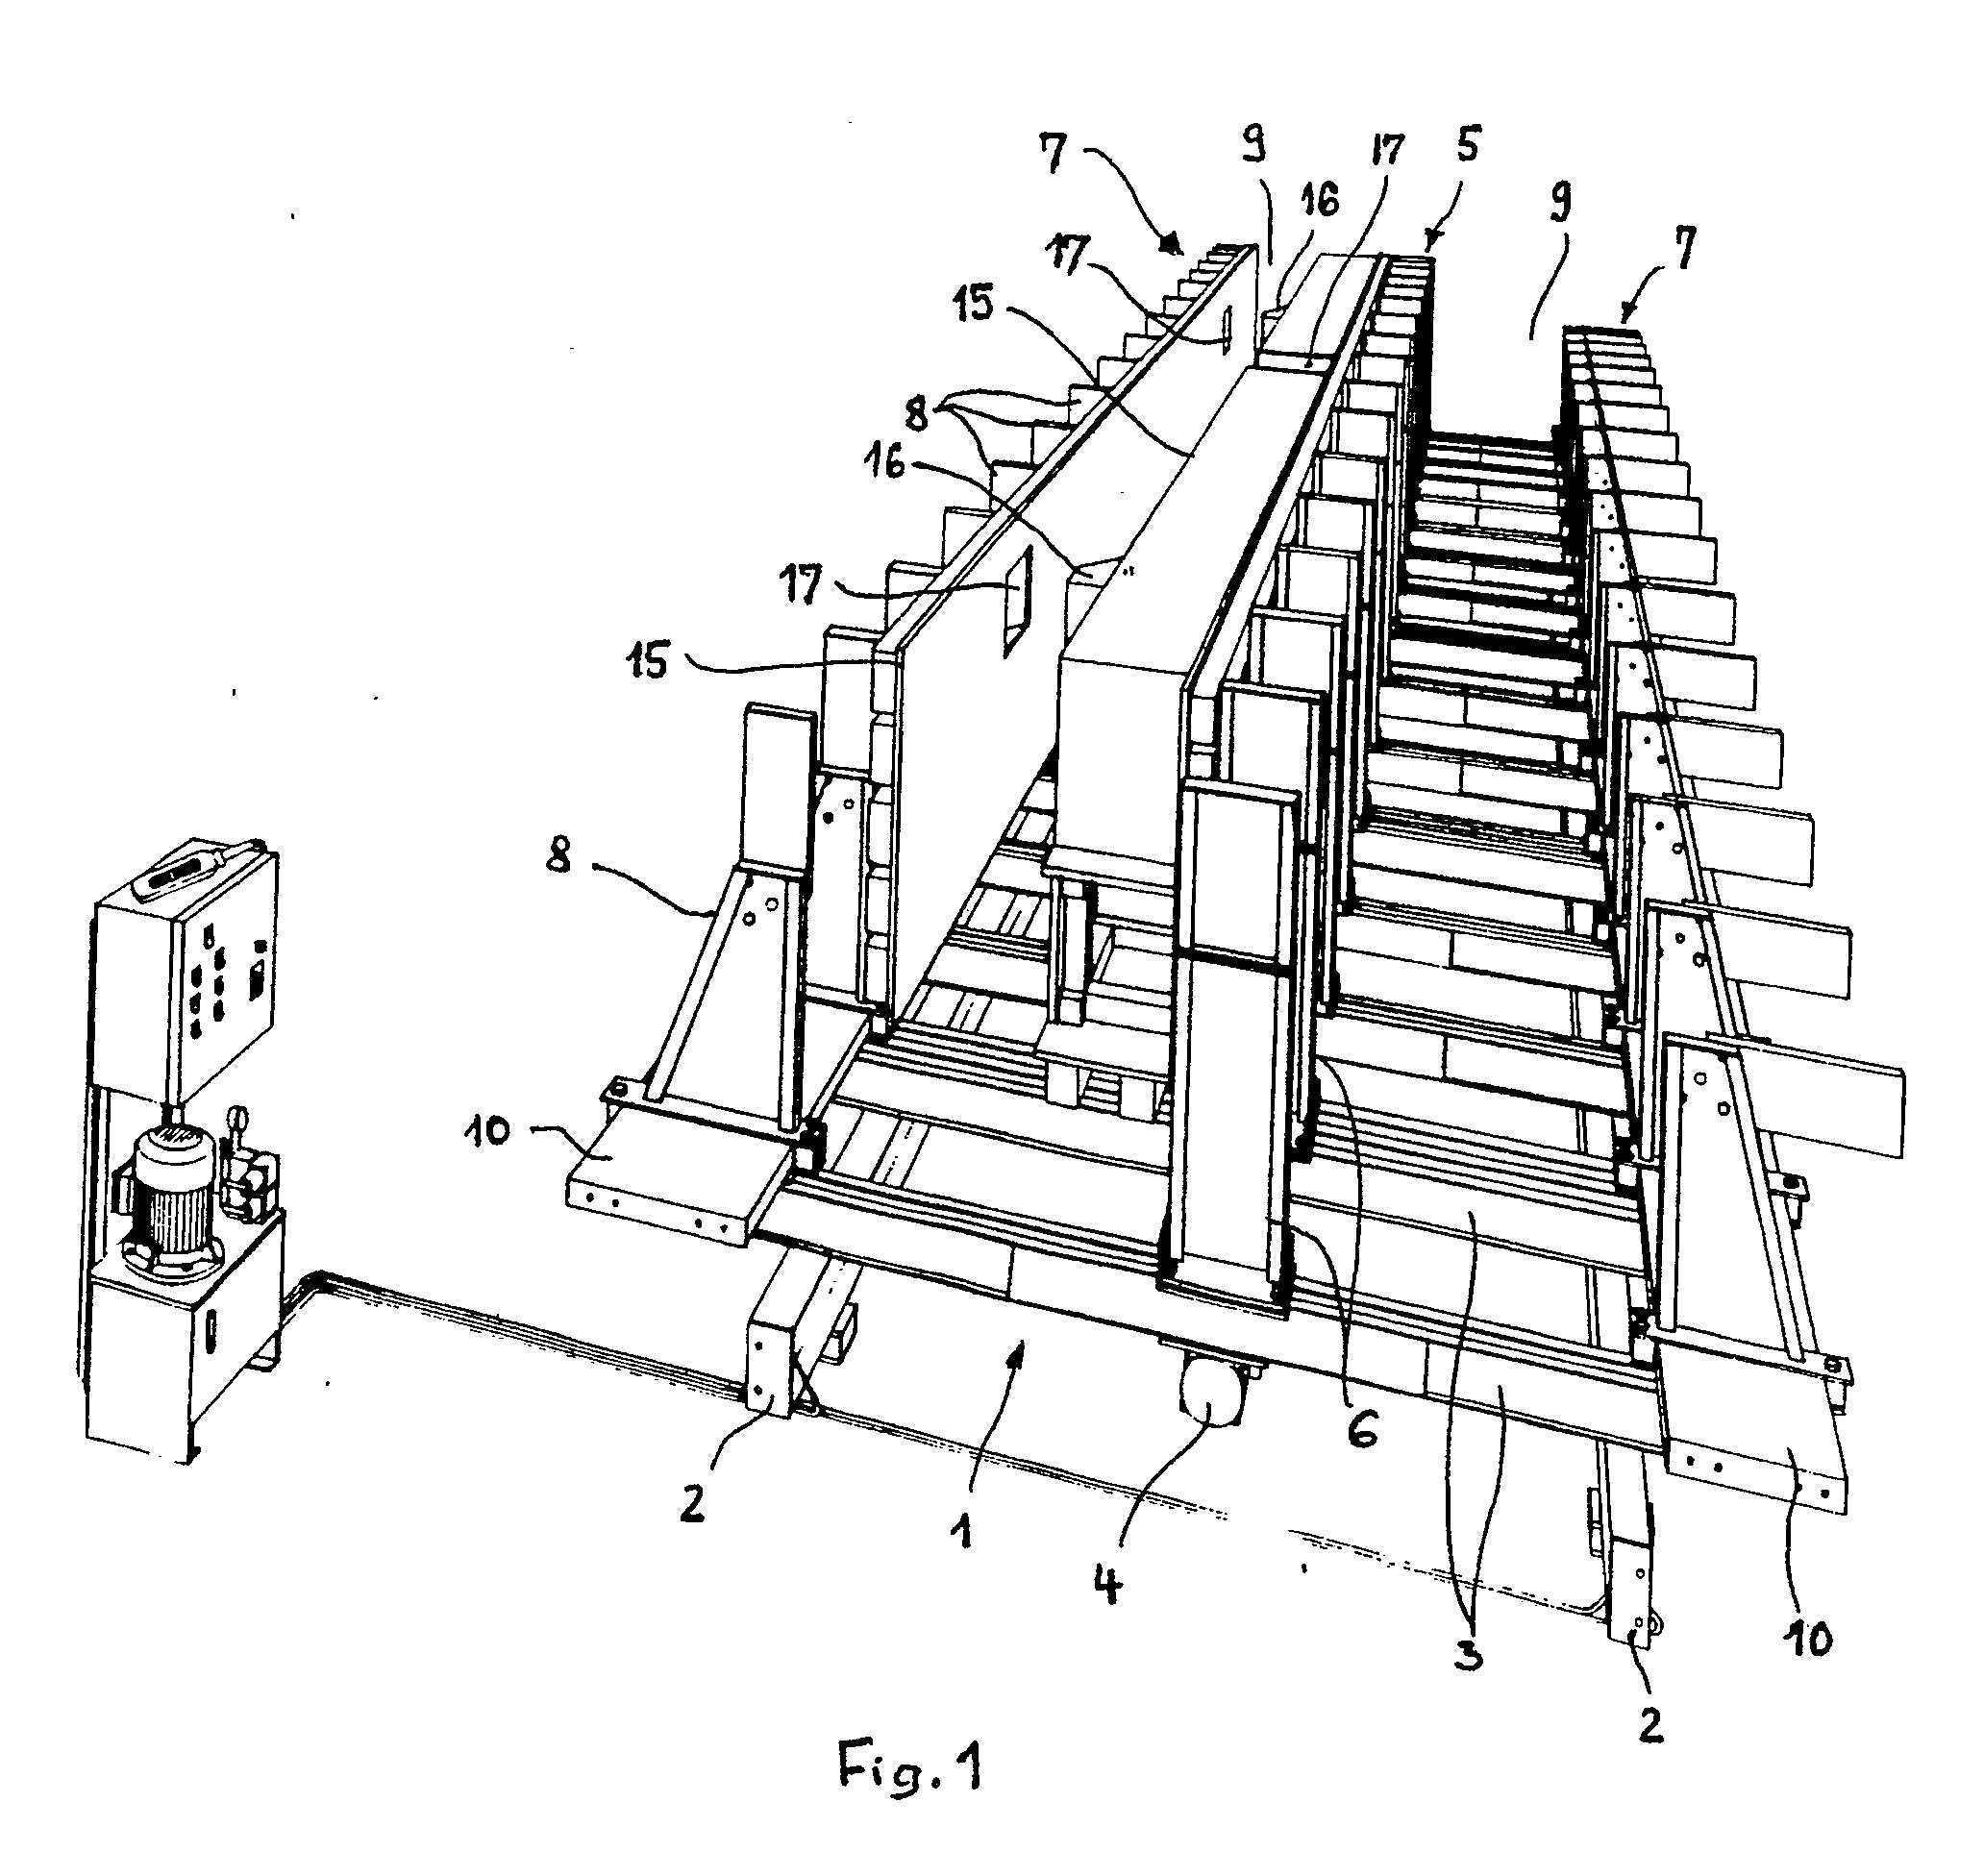 patent ep0427025a2 schalung zur herstellung von beton. Black Bedroom Furniture Sets. Home Design Ideas